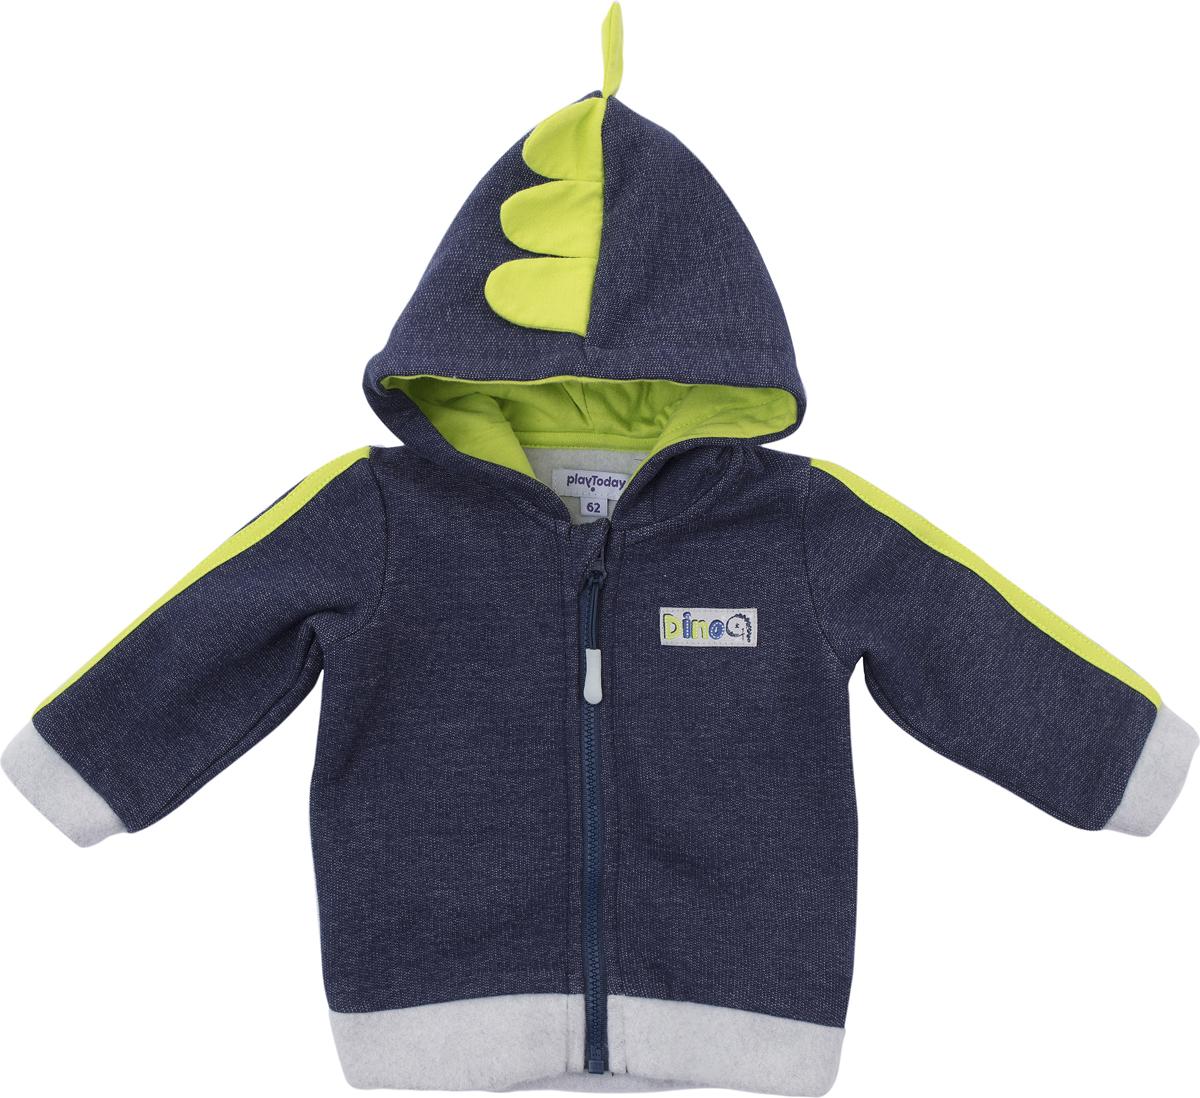 Толстовка для мальчика PlayToday, цвет: синий, серый, зеленый. 187810. Размер 74187810Толстовка PlayToday выполнена из натуральной хлопковой ткани. Модель с капюшоном и длинными рукавами застегивается на застежку-молнию.